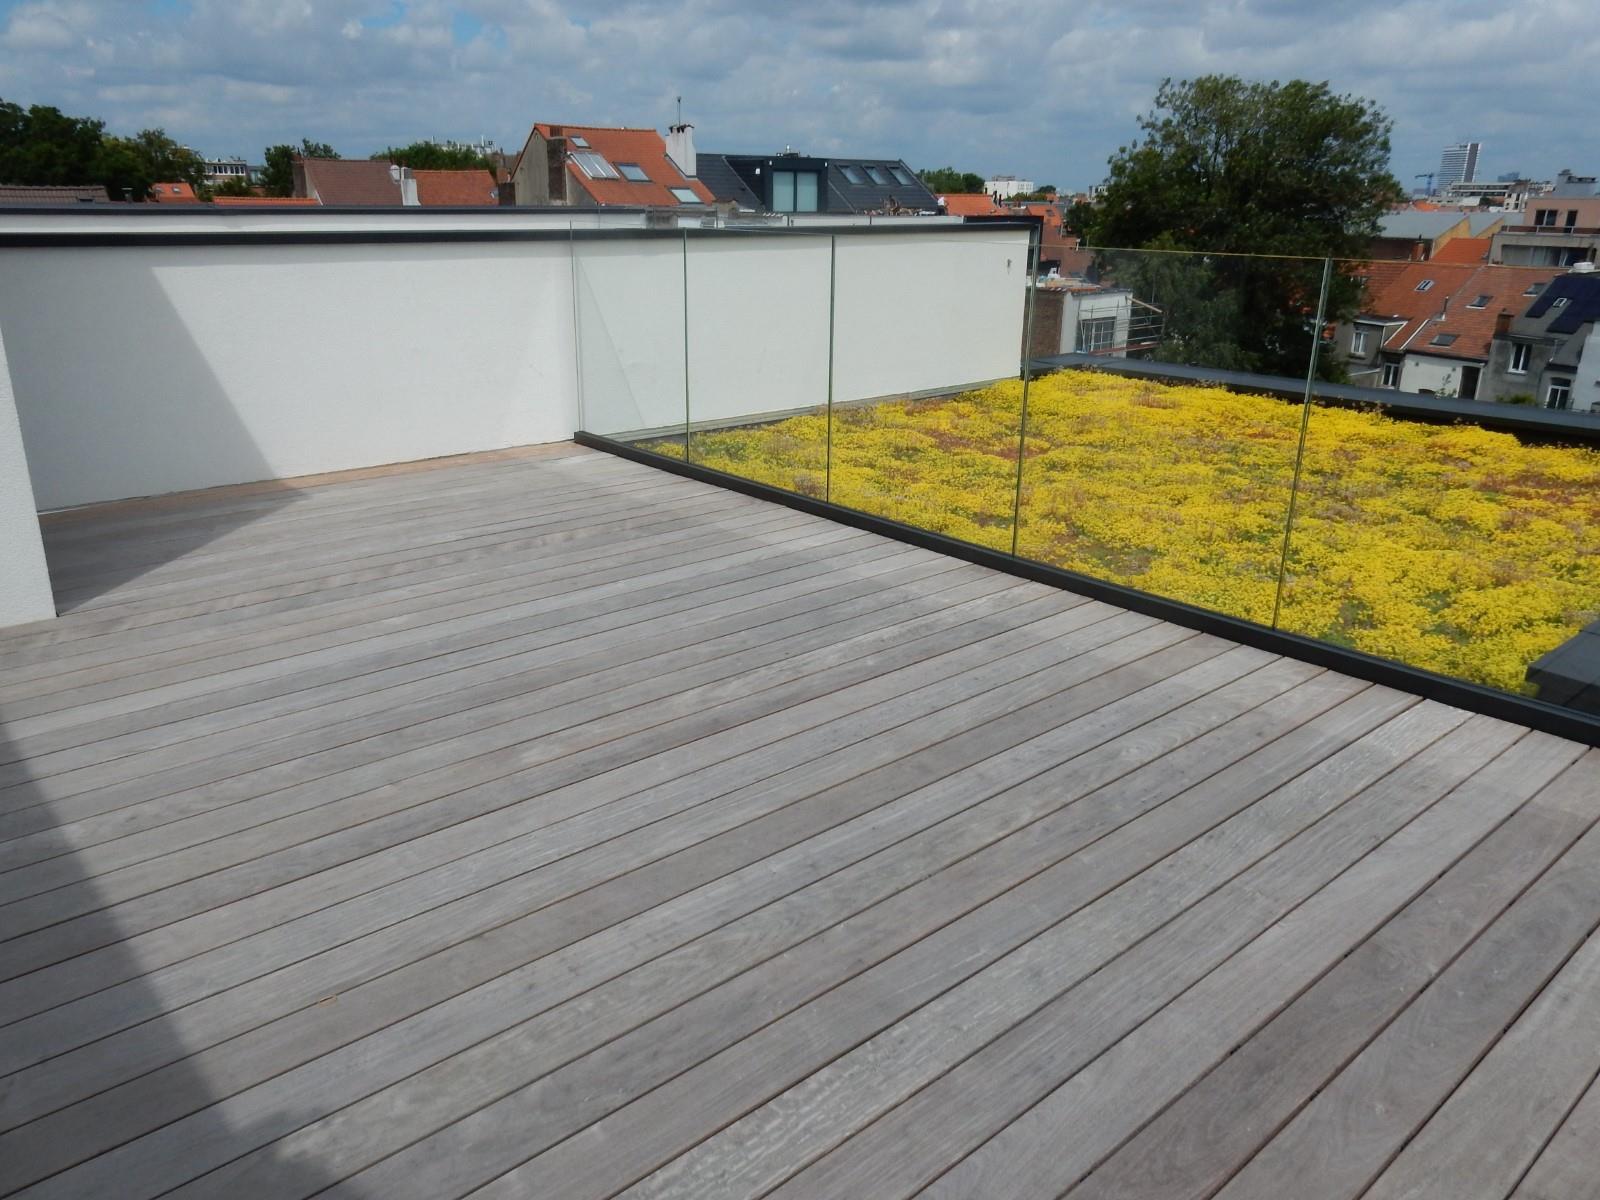 Appartement exceptionnel - Ixelles - #3791385-14